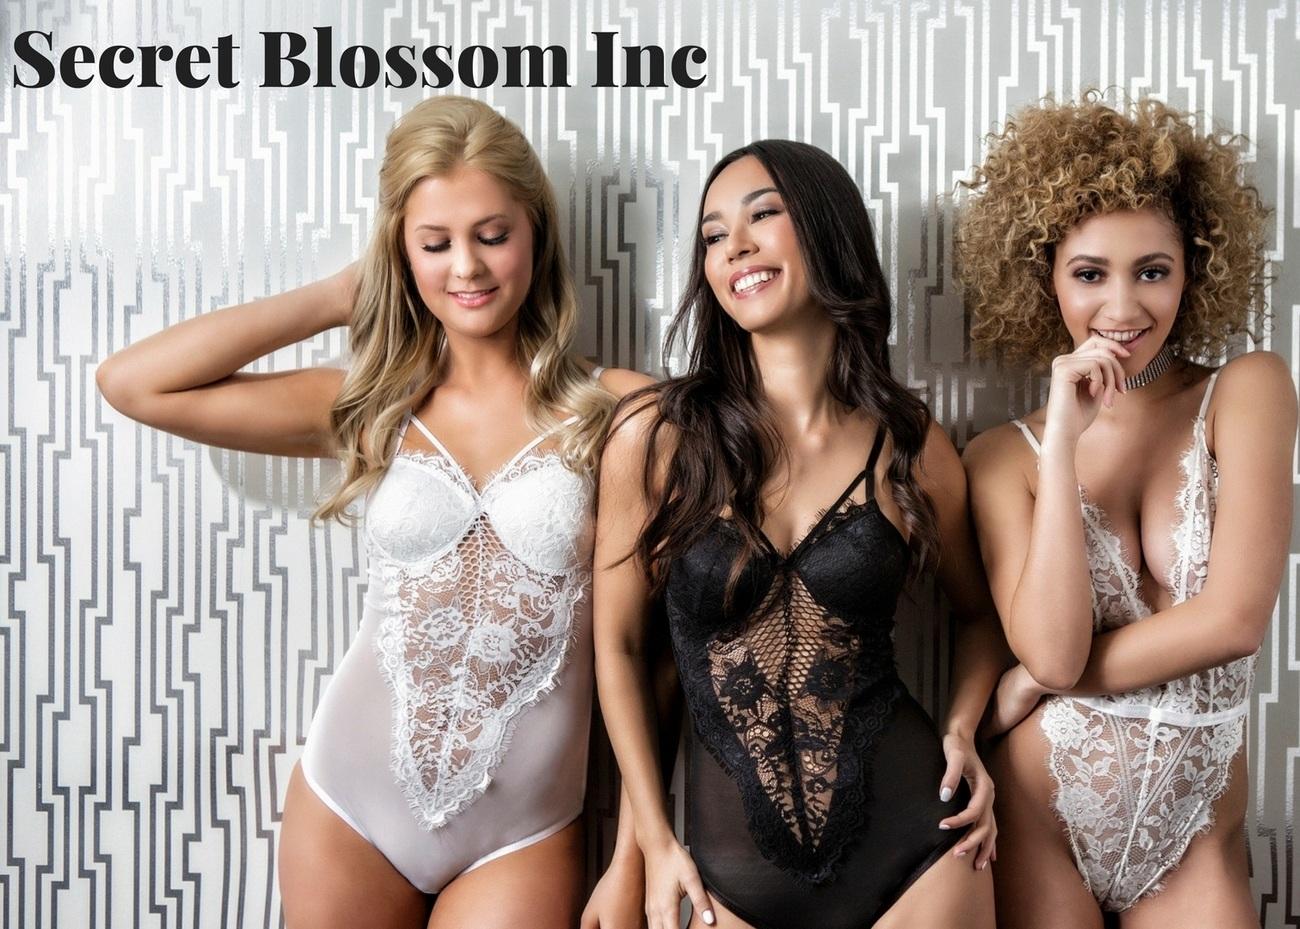 Secret Blossom Inc. Lingerie Collections